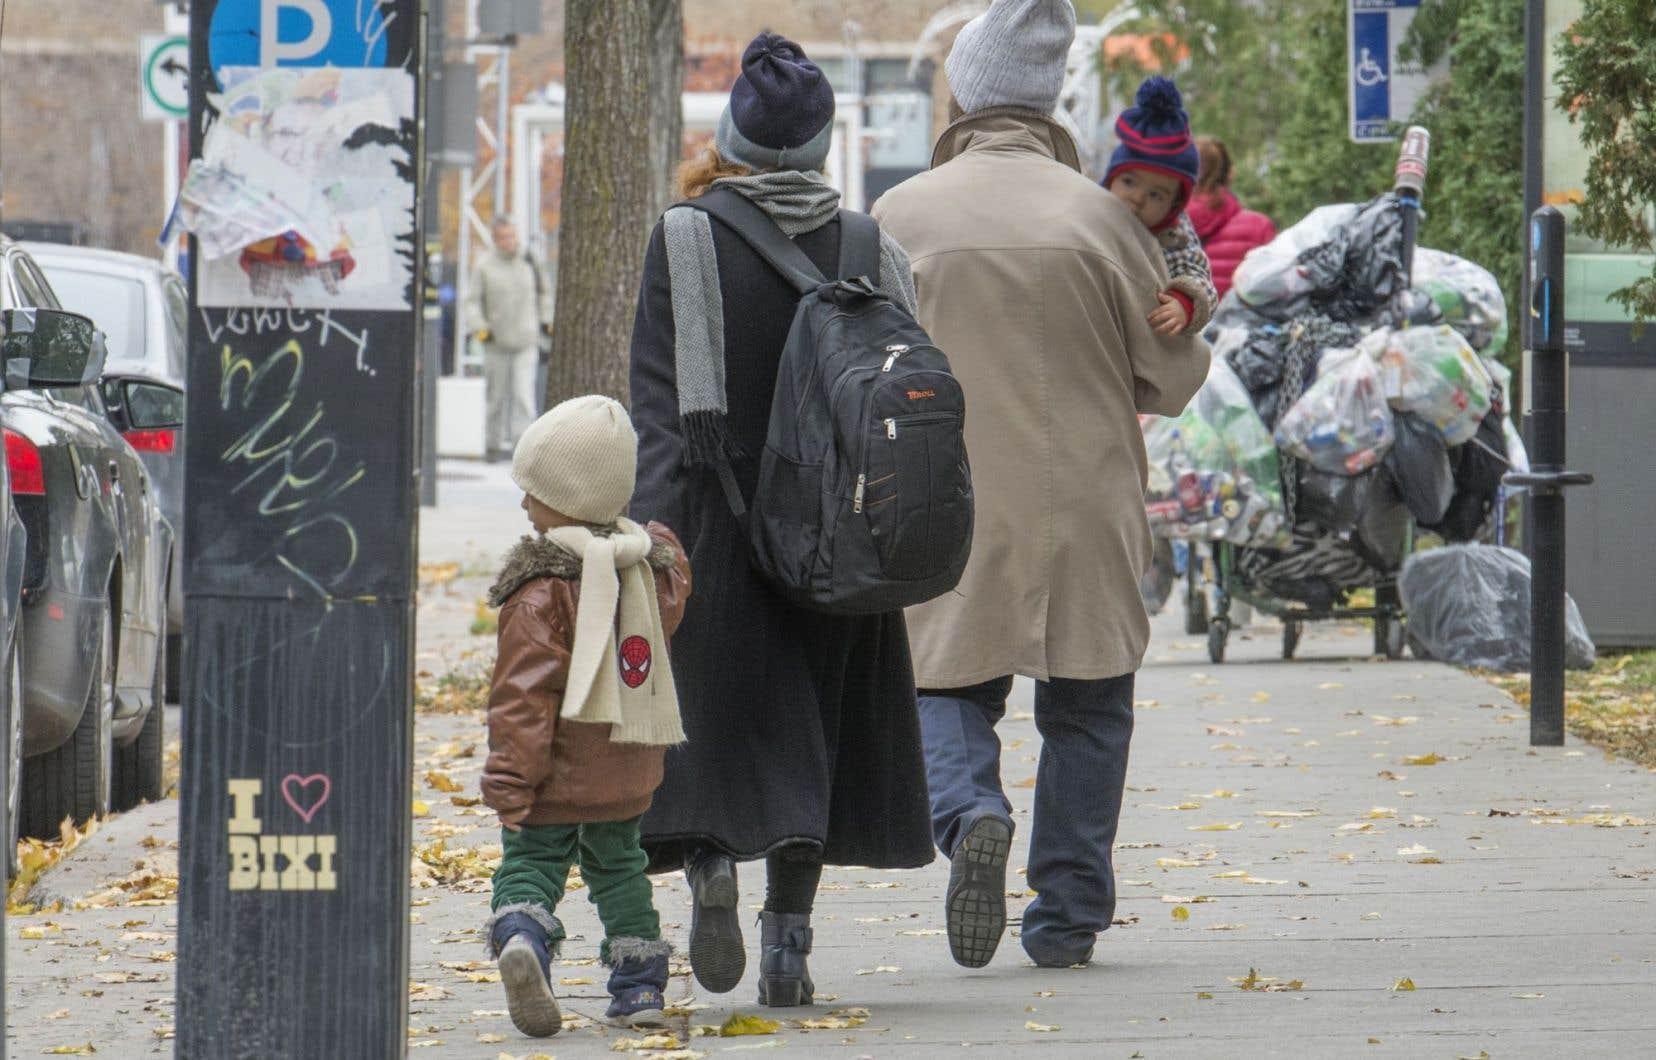 Les enfants défavorisés qui ont fréquenté exclusivement un CPE sont trois fois moins susceptibles d'arriver vulnérables dans au moins une sphère de leur développement.